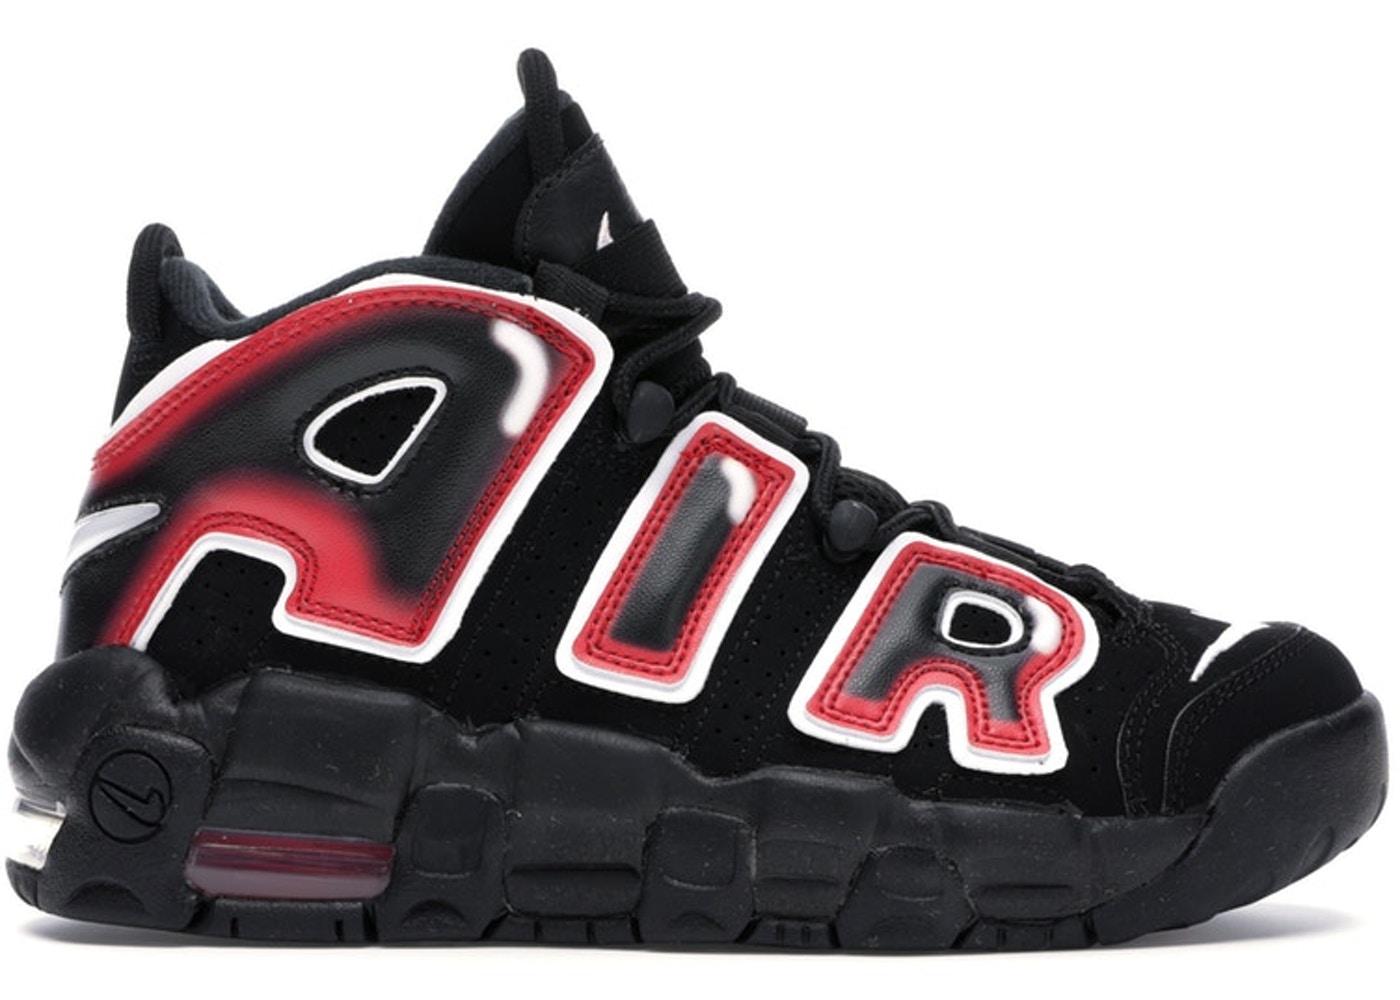 ナイキ キッズ/レディース アップテンポ Nike Air More Uptempo '96 スニーカー Black/White/Laser Crimson